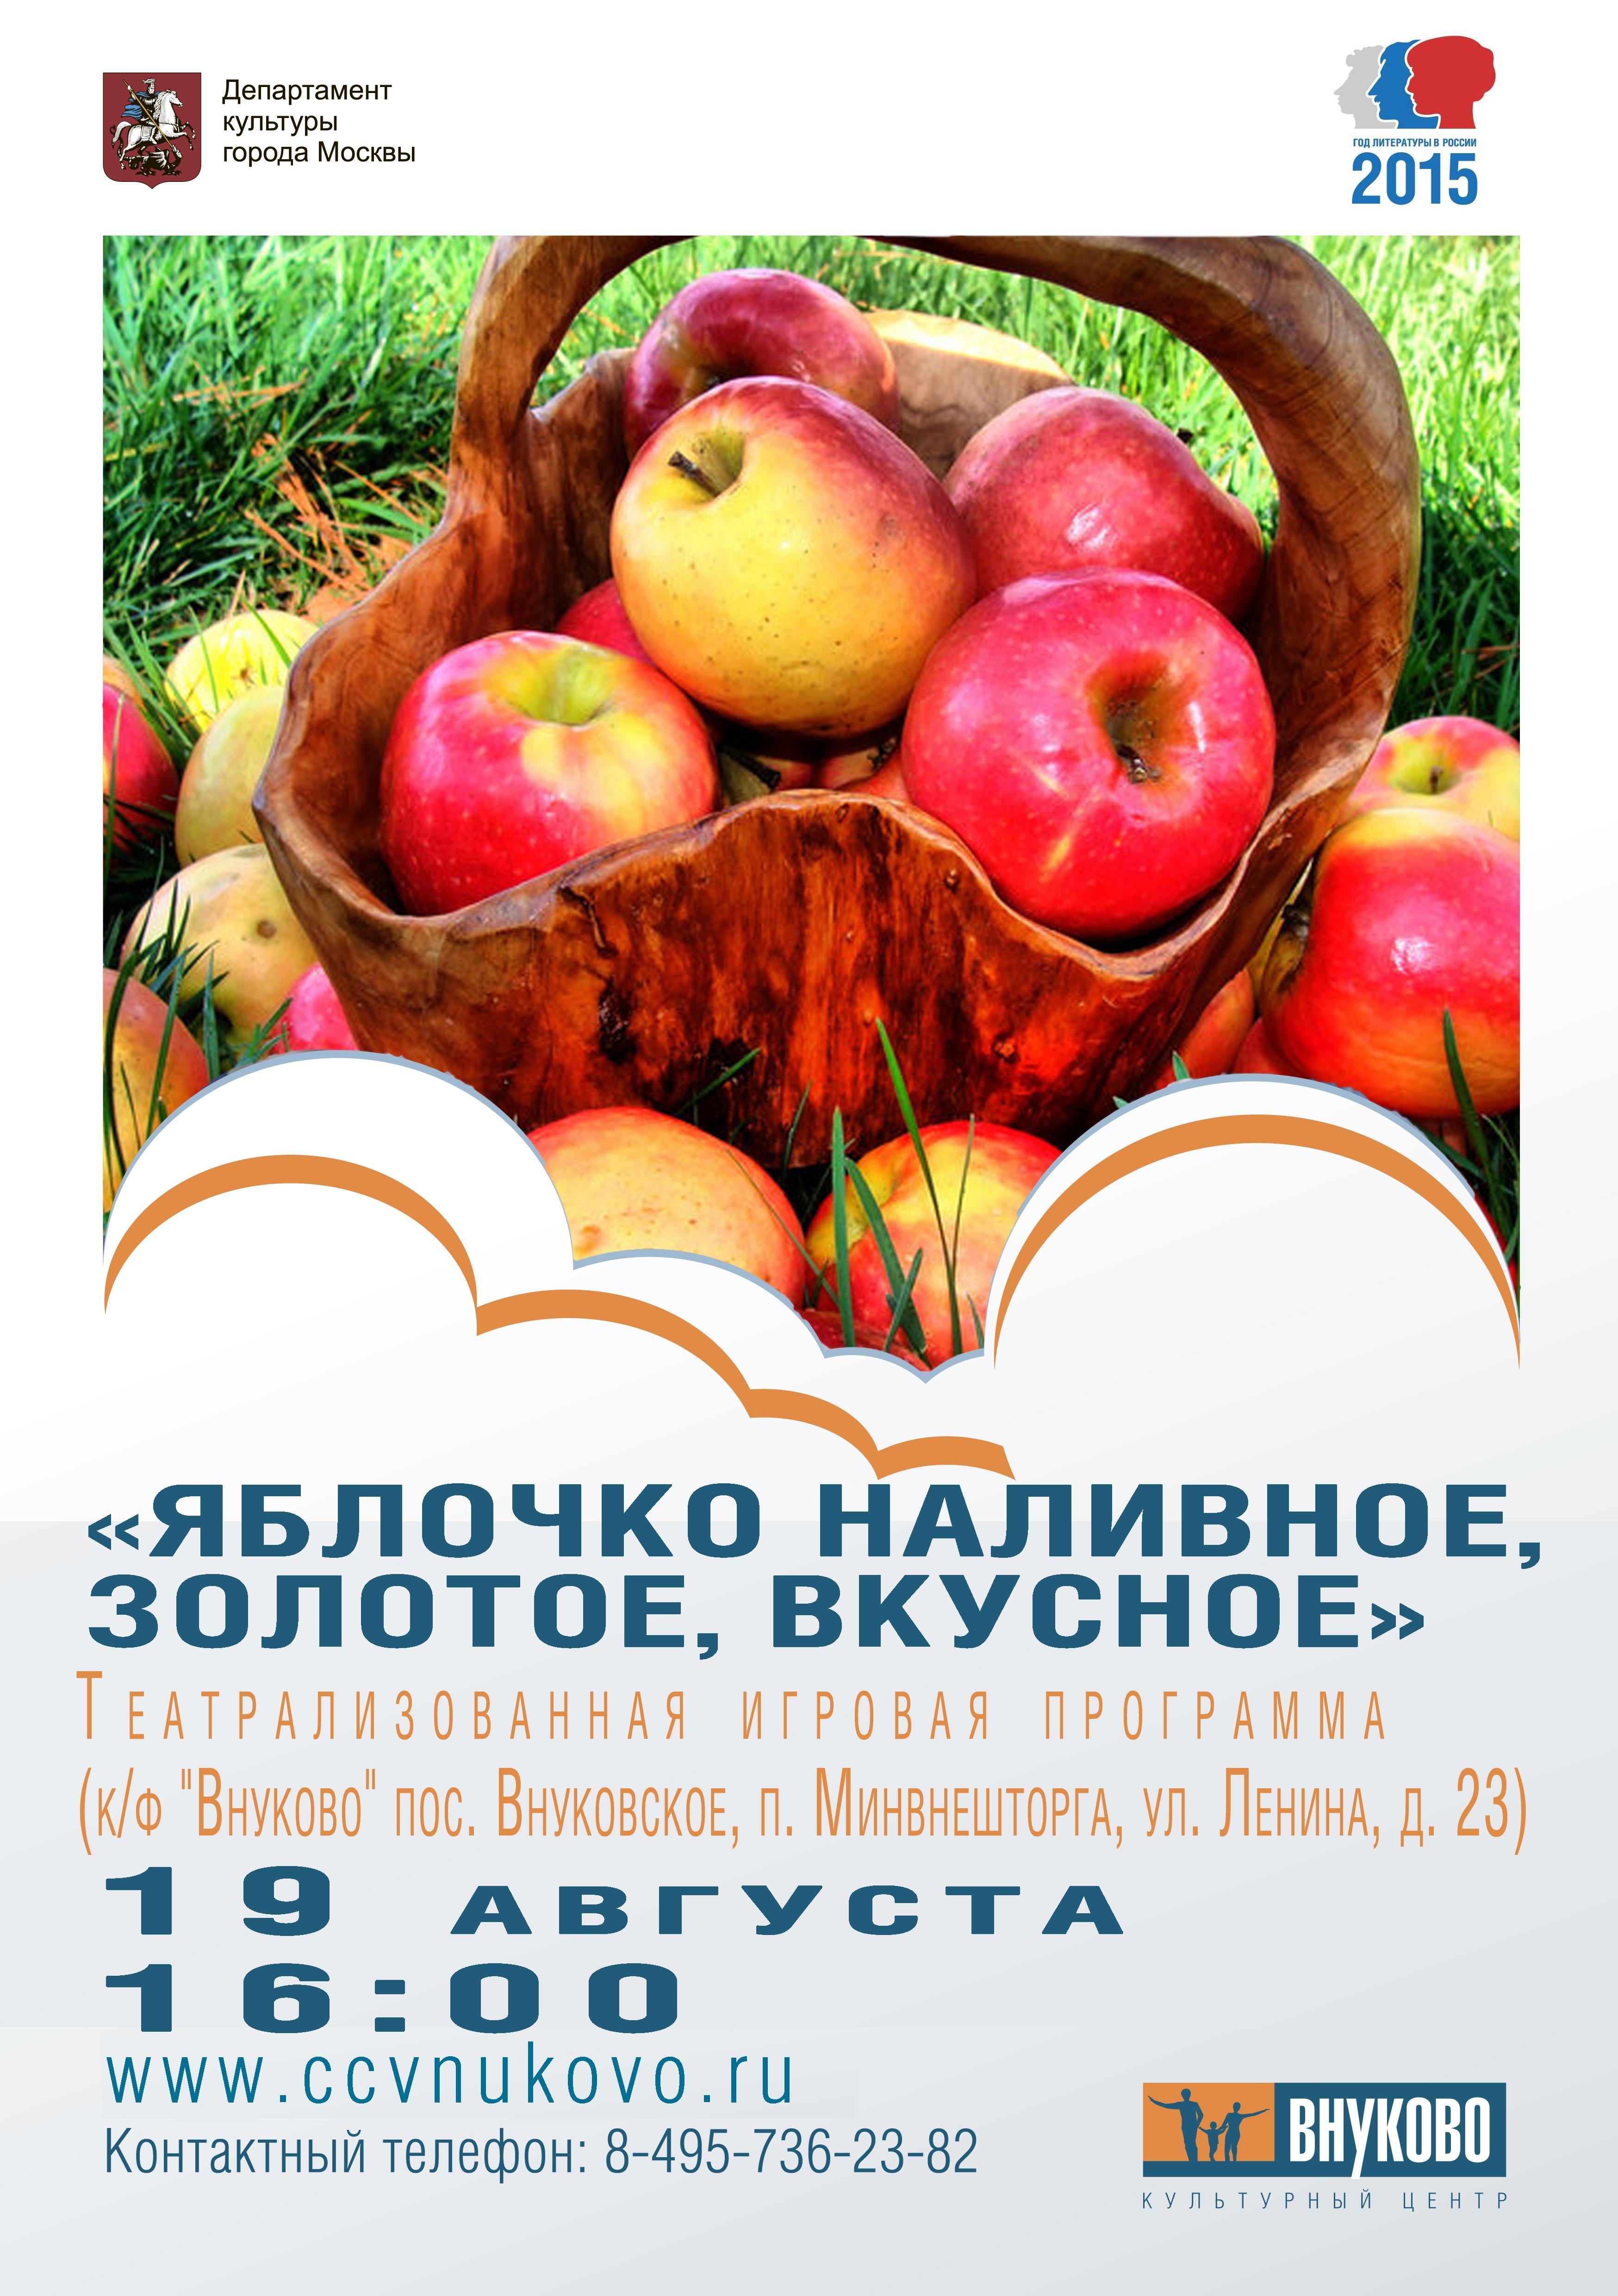 Поздравления с яблочным спасом в стихах, страница 2 68